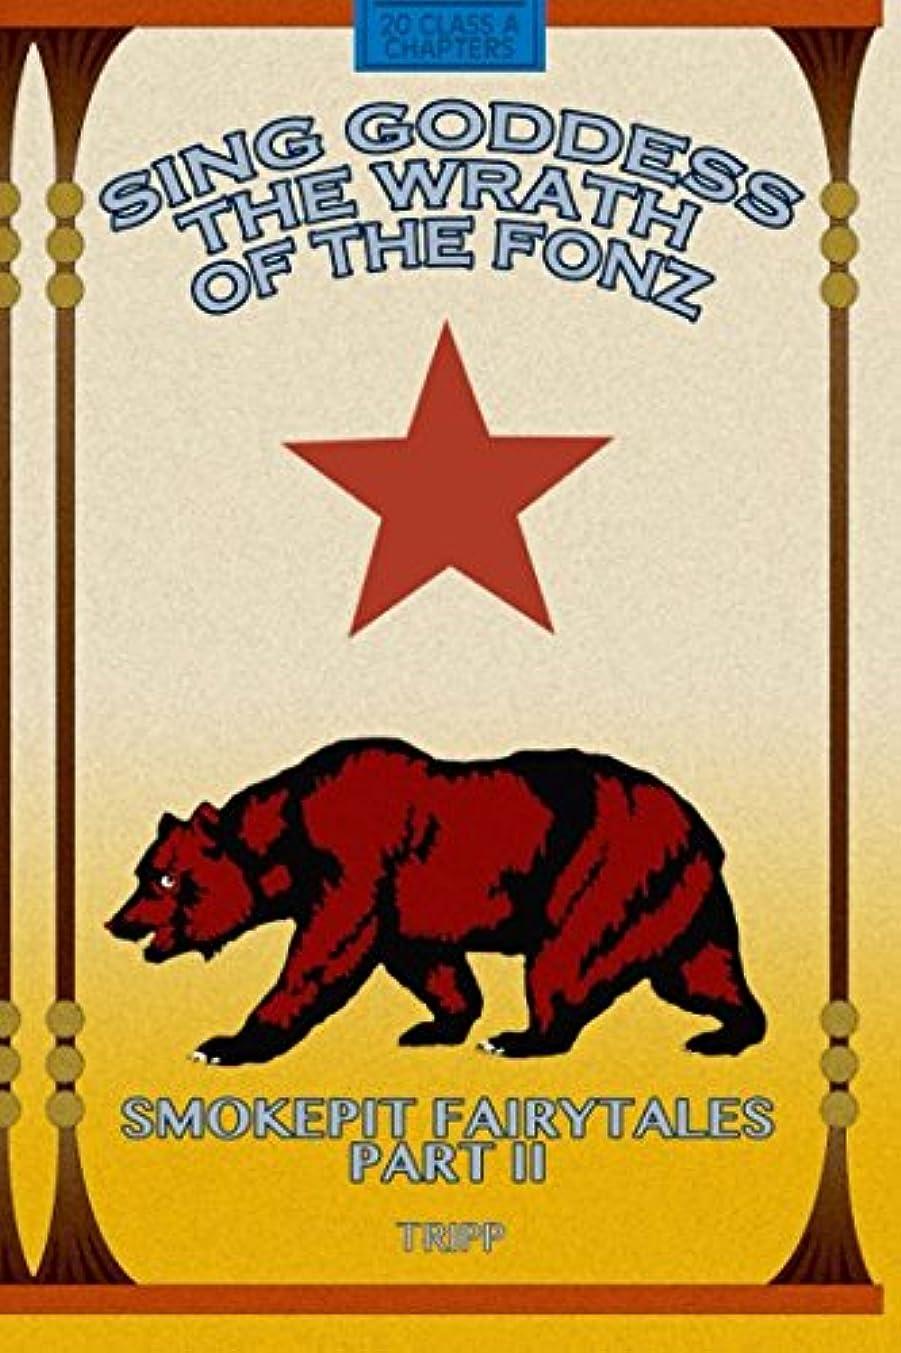 スカープ降臨幸運Sing Goddess The Wrath Of The Fonz; Smokepit Fairytales Part II